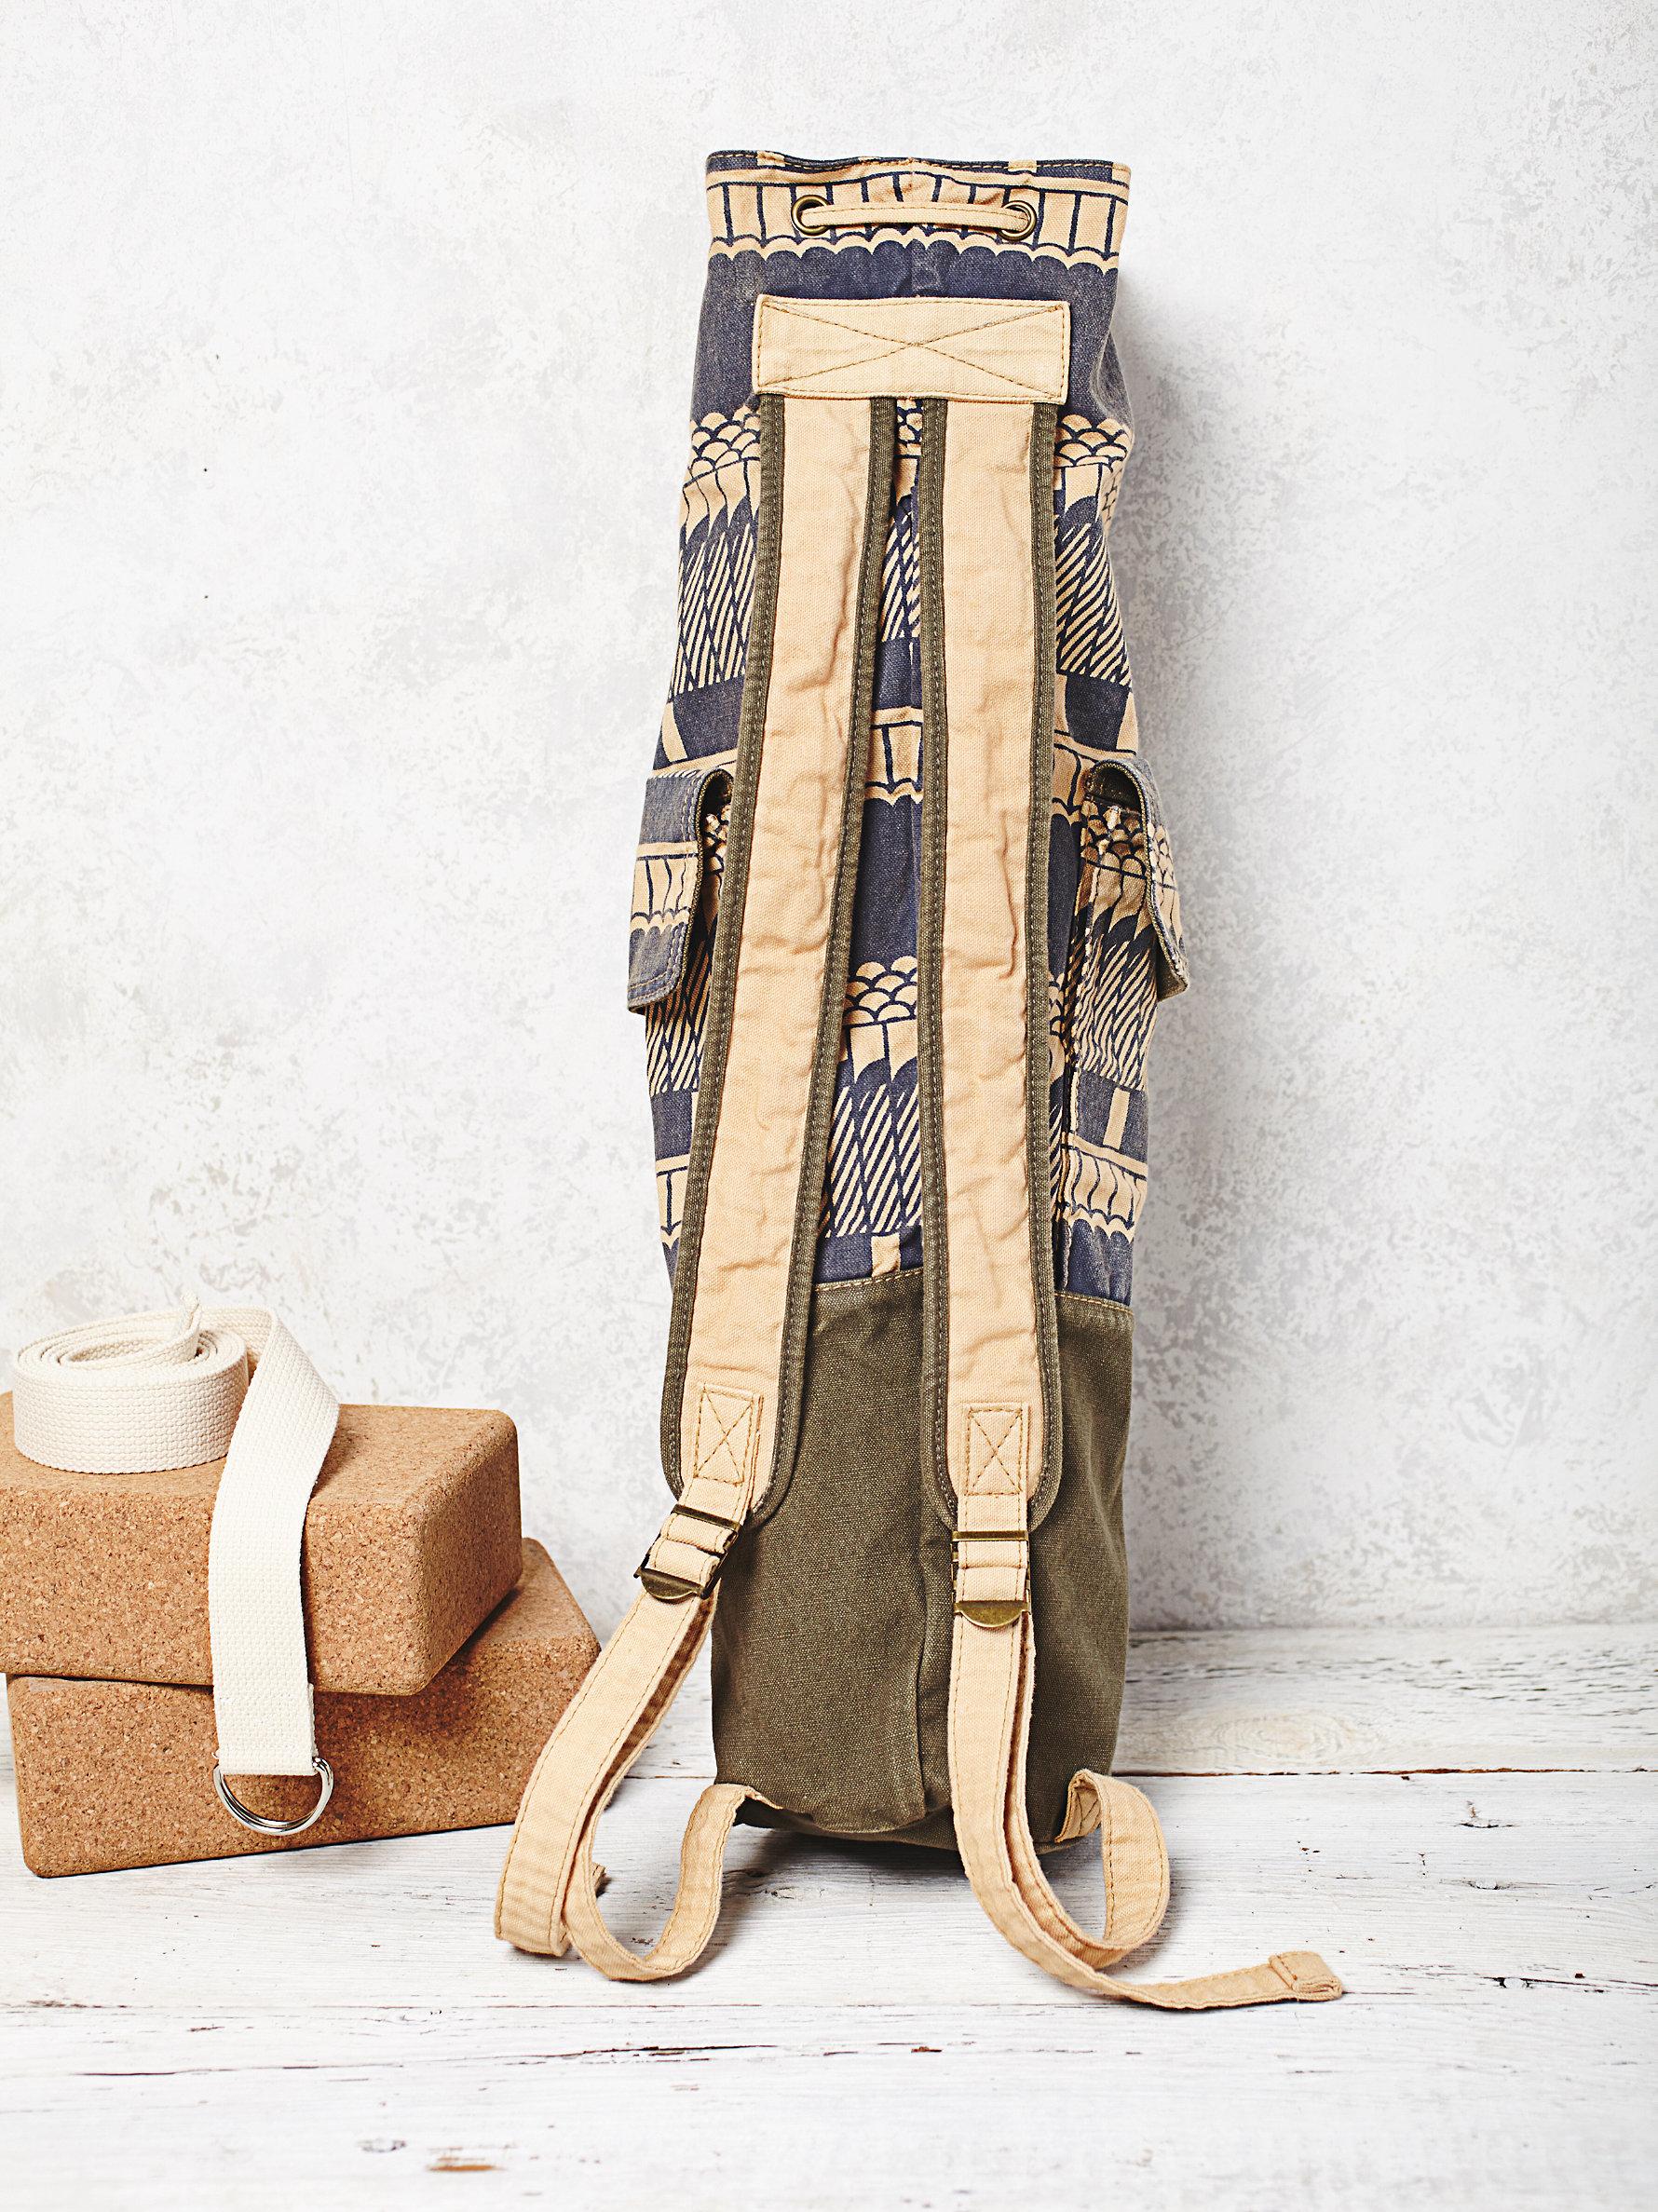 Lyst - Free People Cobra Yoga Bag 968f0fa00fc3a